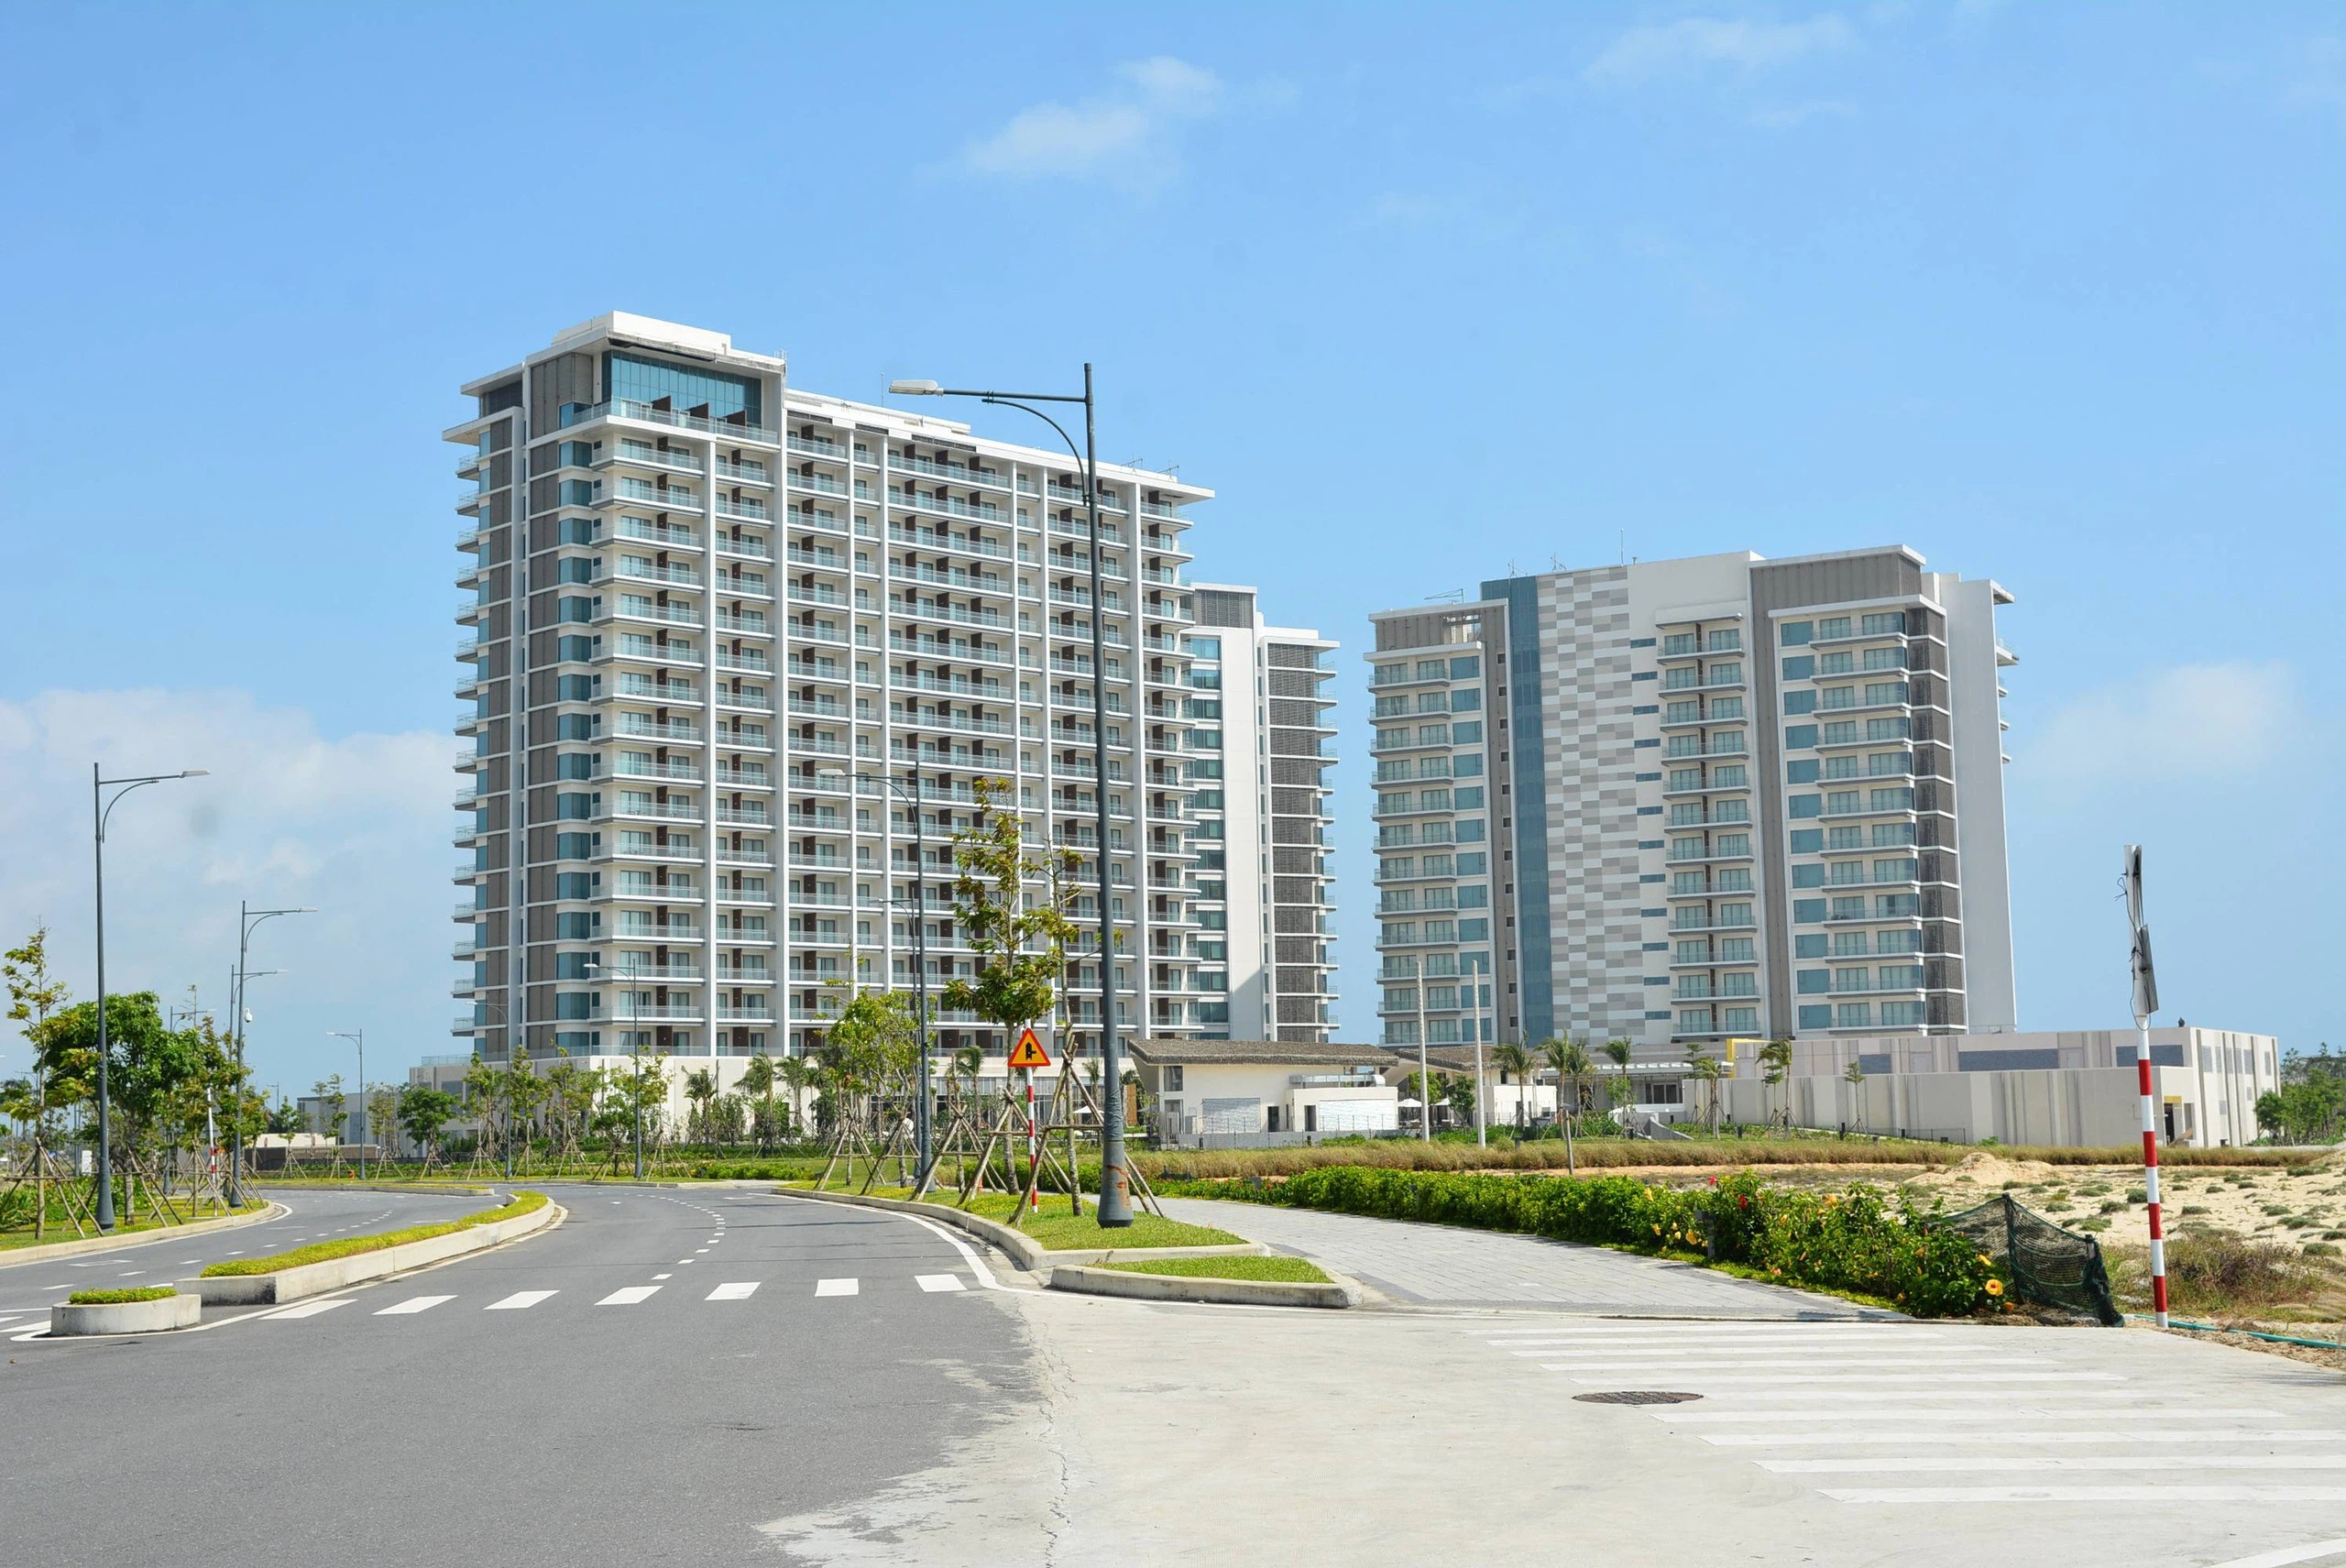 Quảng Nam gỡ vướng để triển khai khu nghỉ dưỡng 4 tỷ USD - Ảnh 1.